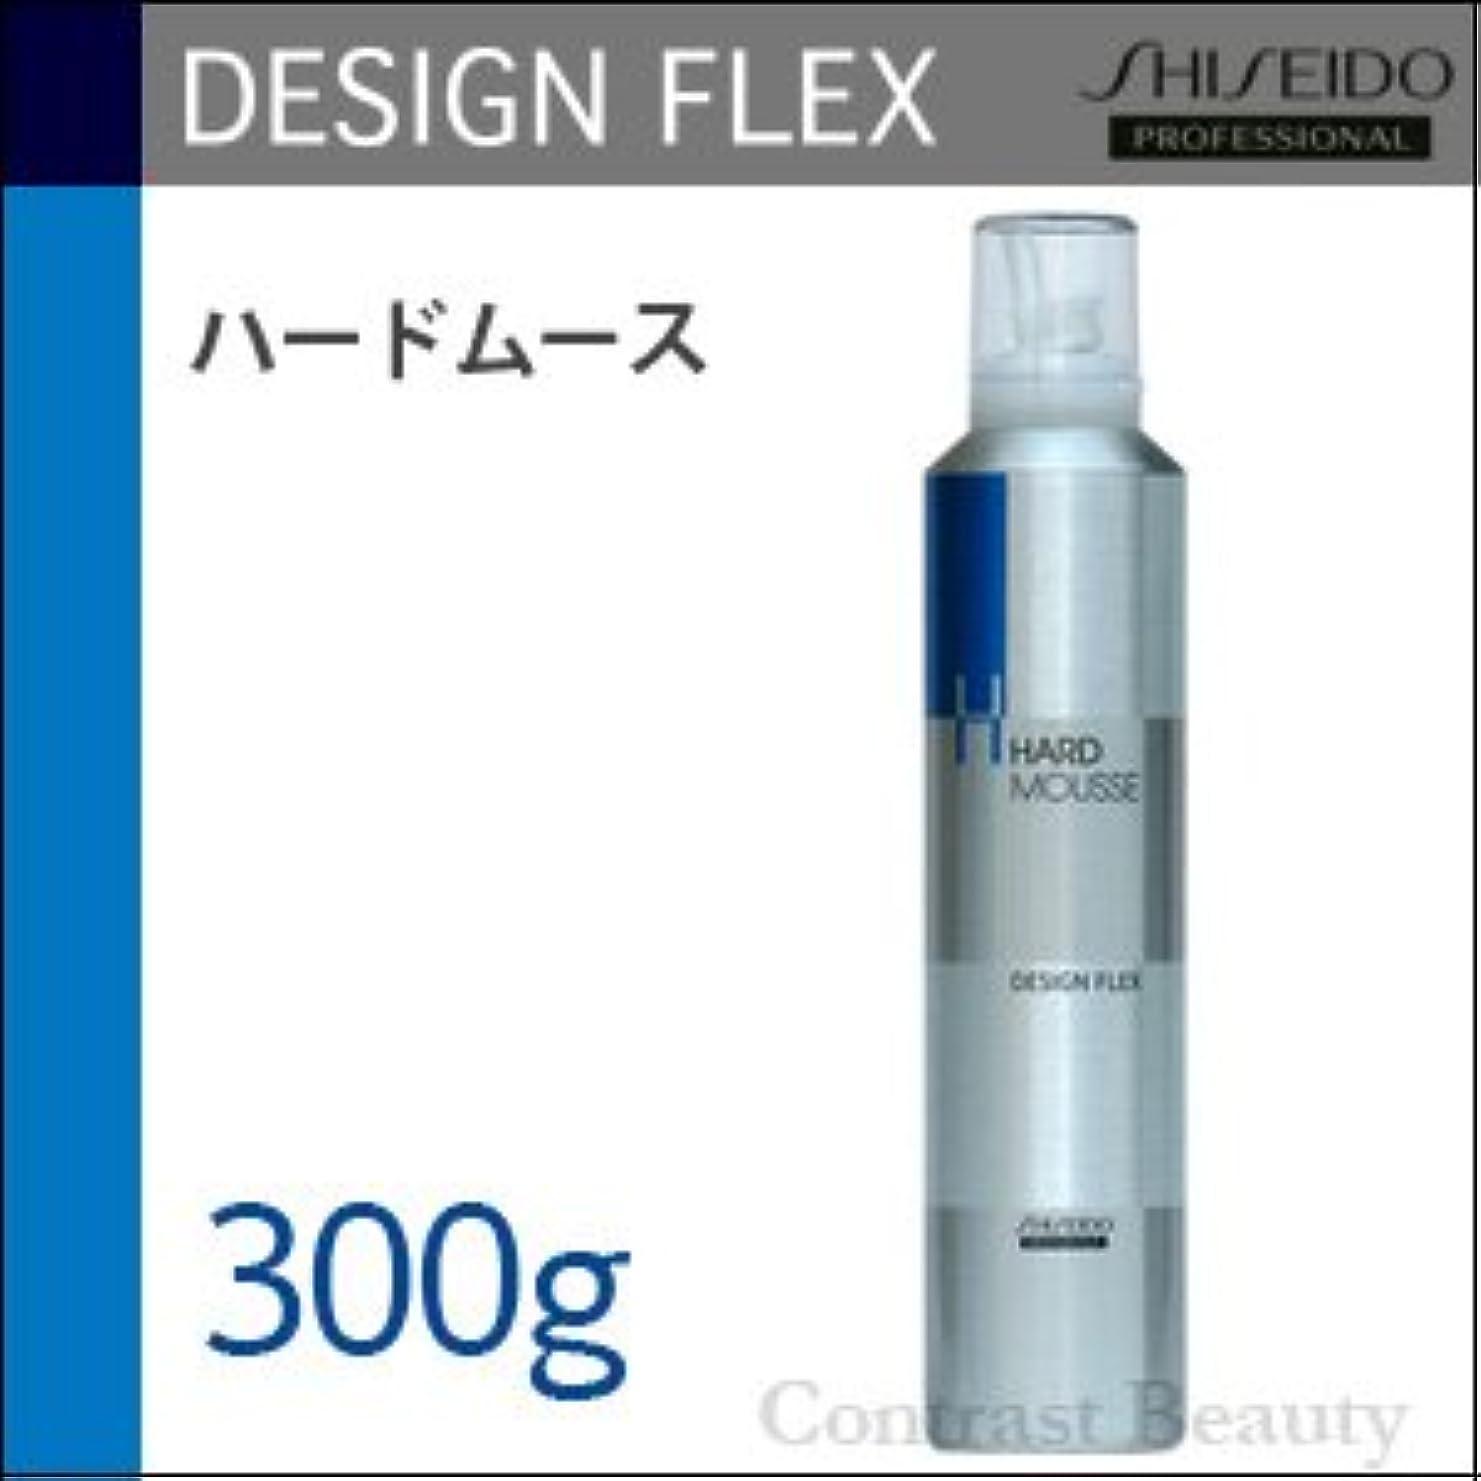 オッズ高揚した豊富に【x2個セット】 資生堂 デザインフレックス ハードムース 300g